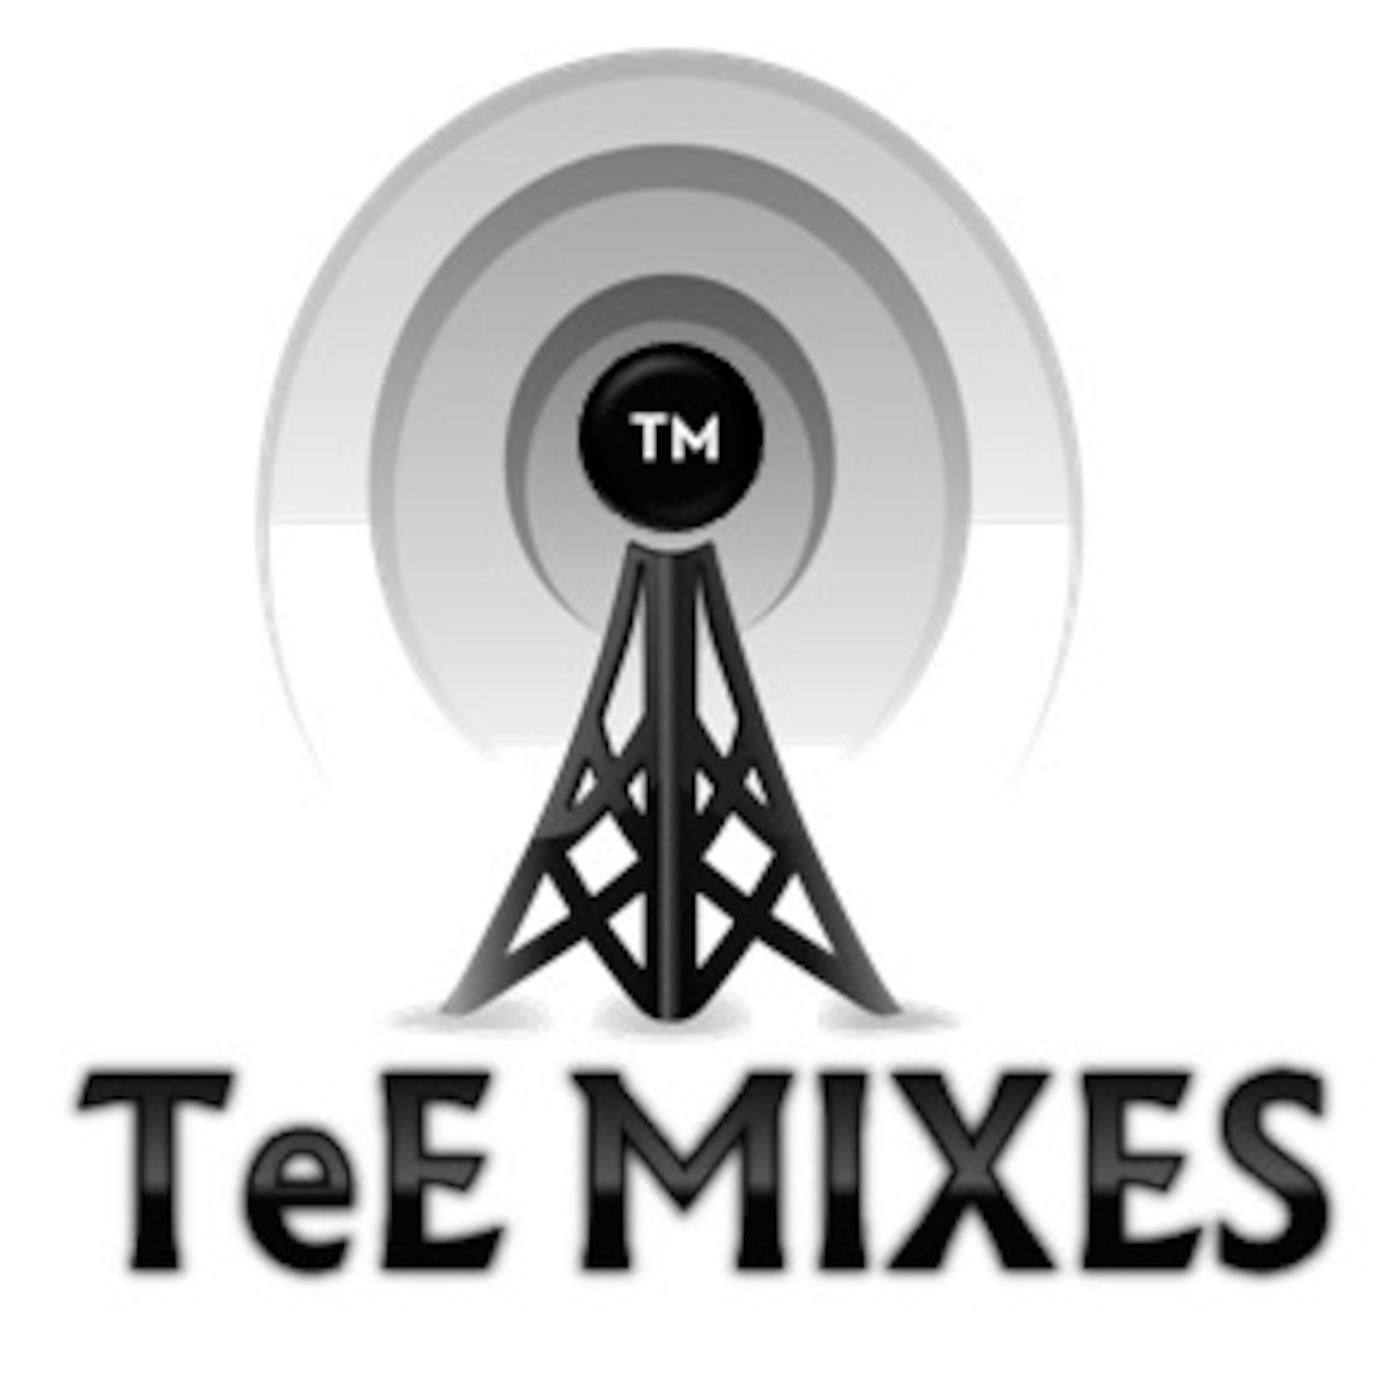 TM (TeE MIXES)